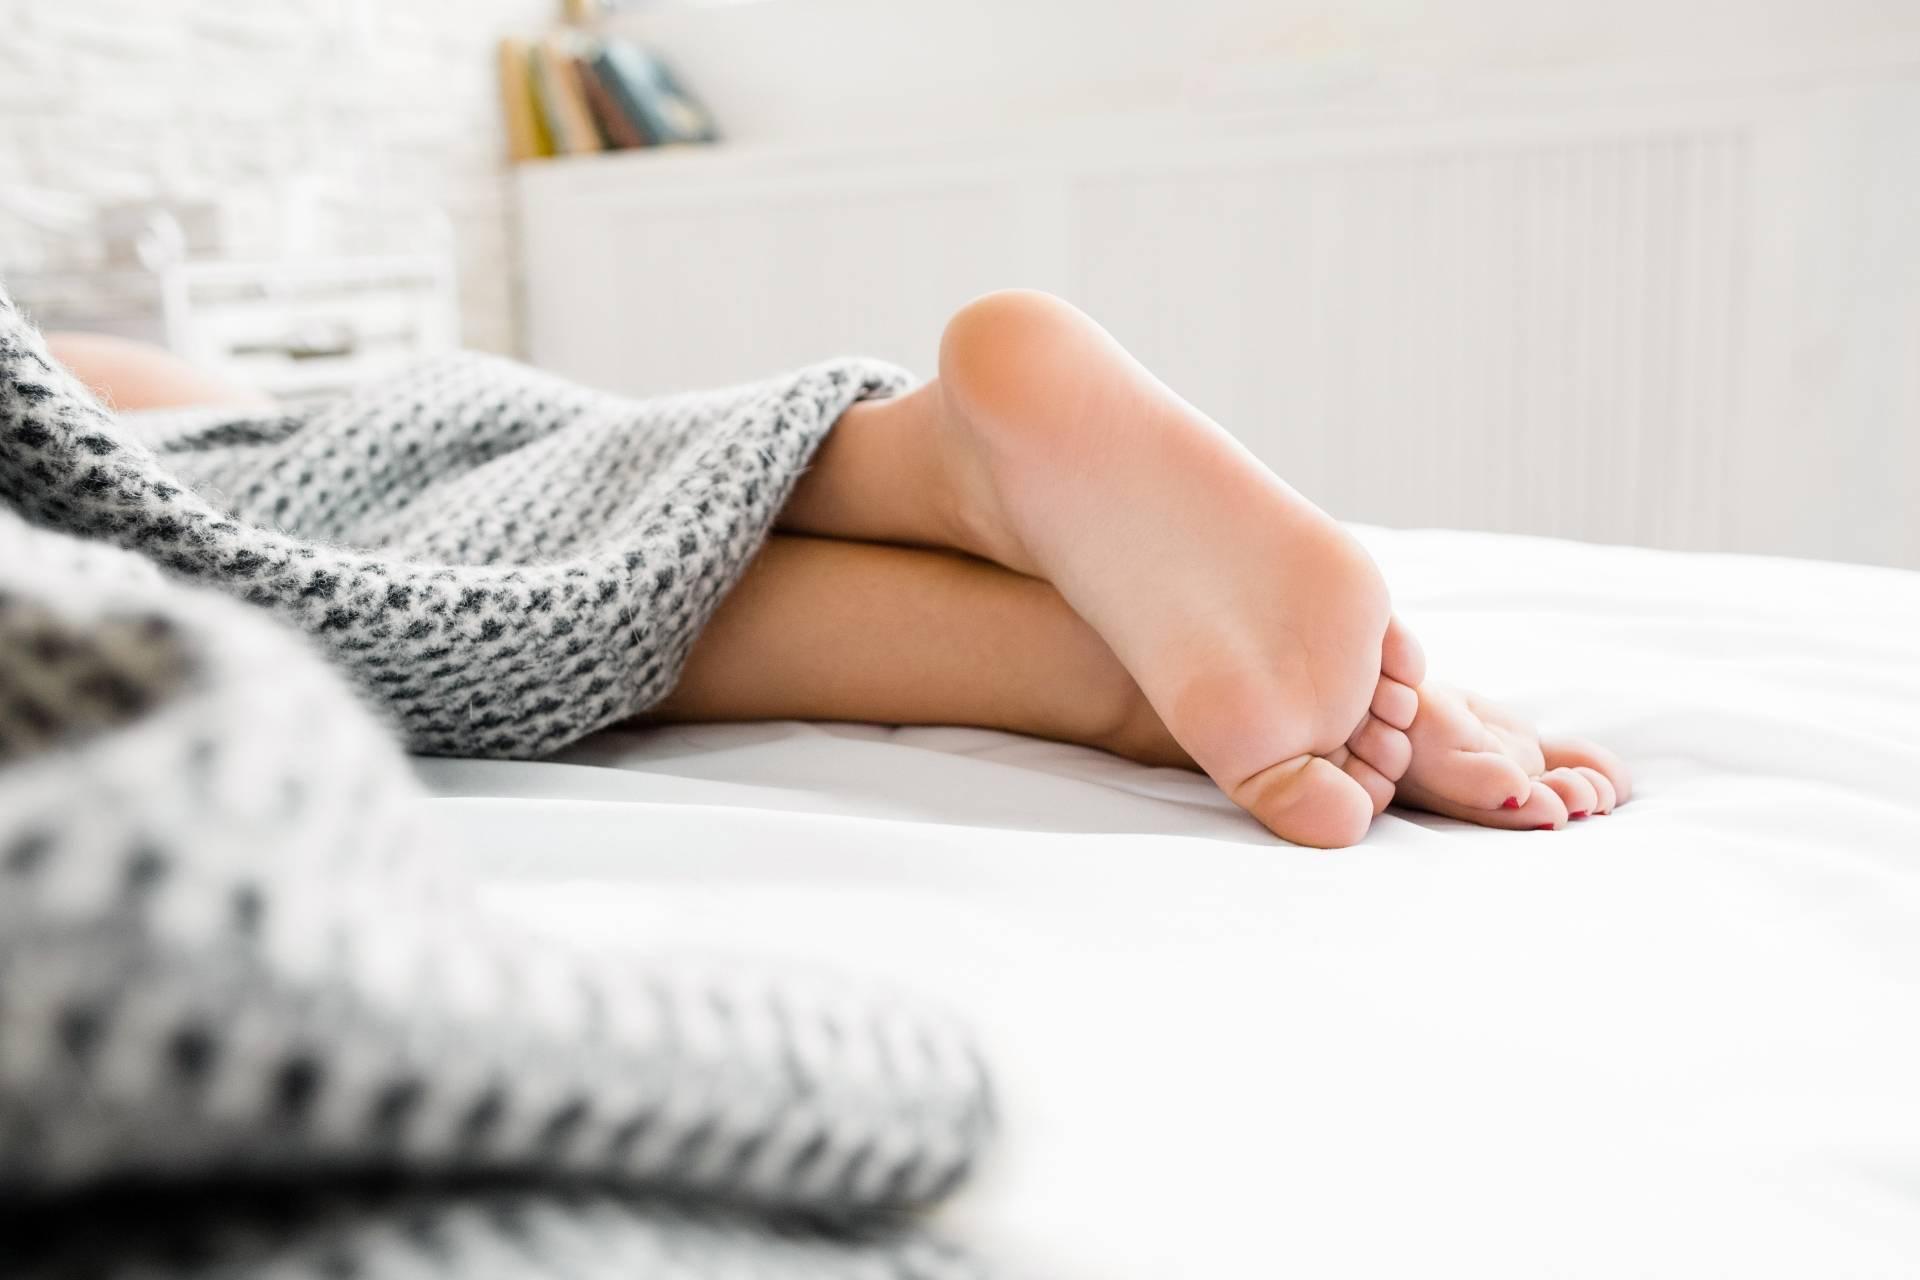 Pękające pięty - jakie są domowe sposoby na popękane pięty? Zbliżenie na kobiece stopy wystające spod kołdry.